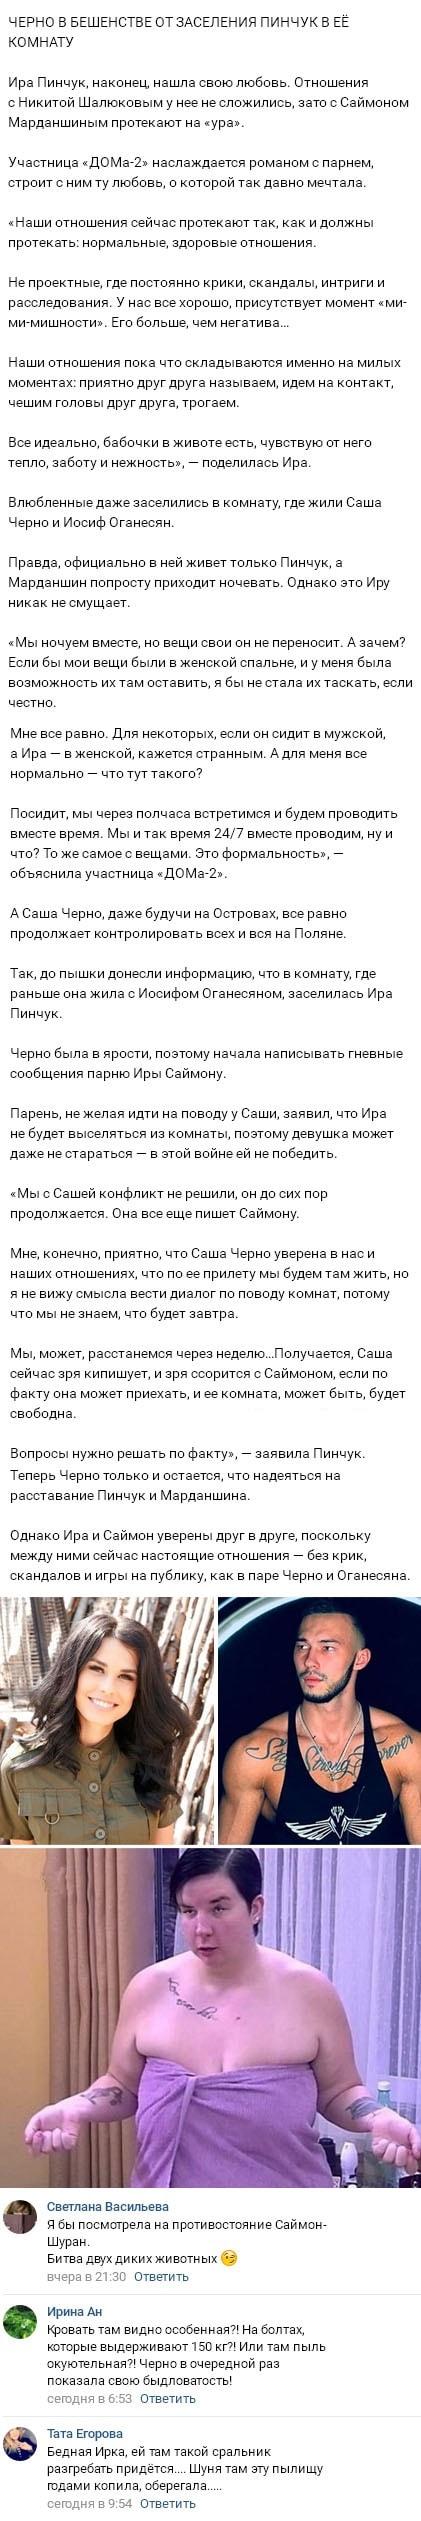 Александра Черно грозится проломить голову Ирине Пинчук